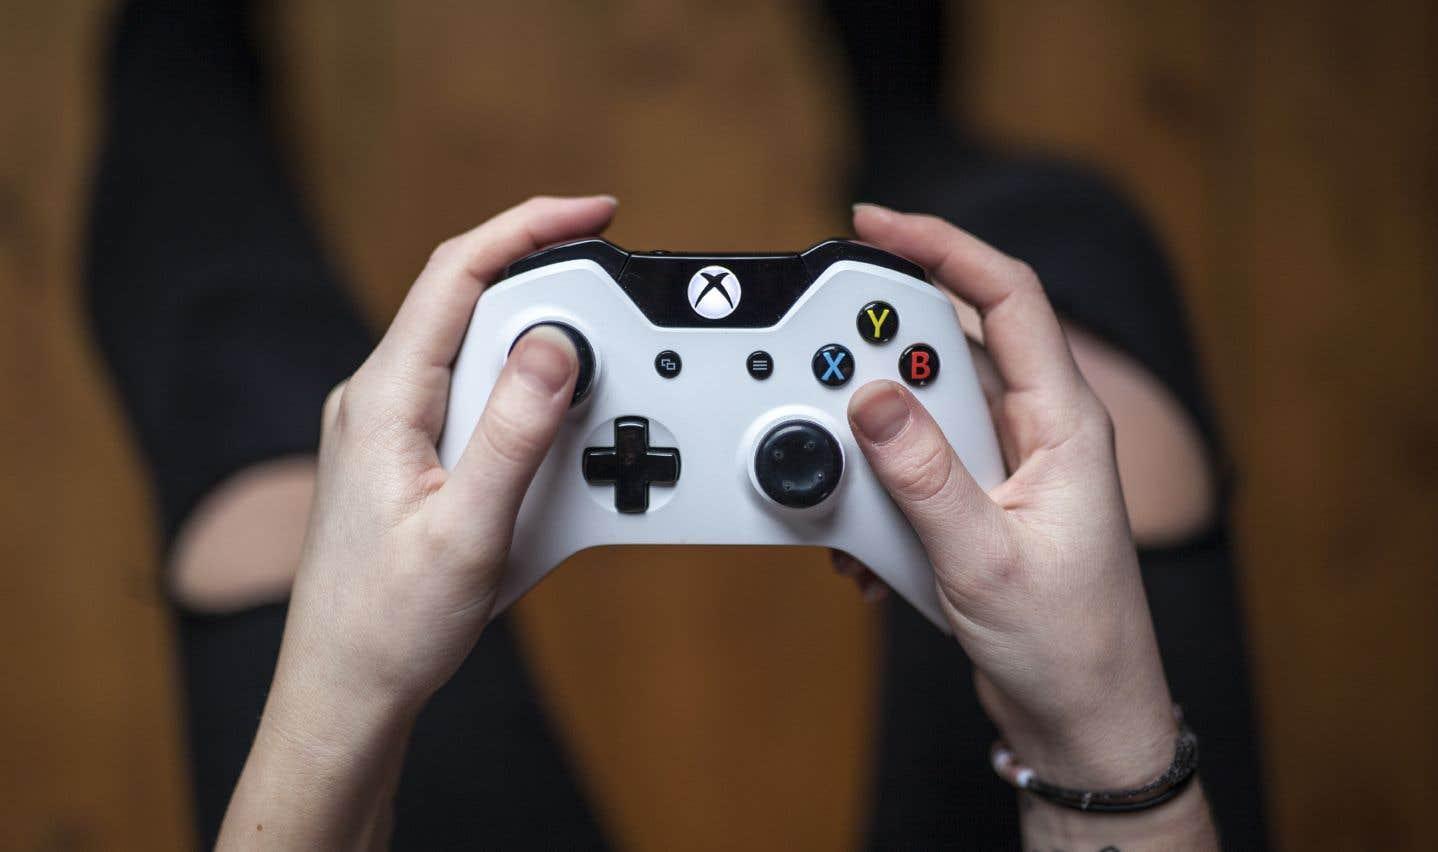 Parmi les autres symptômes répertoriés figurent «la poursuite et l'augmentation de l'activité de jeu [vidéo]malgré l'apparition de conséquences négatives».